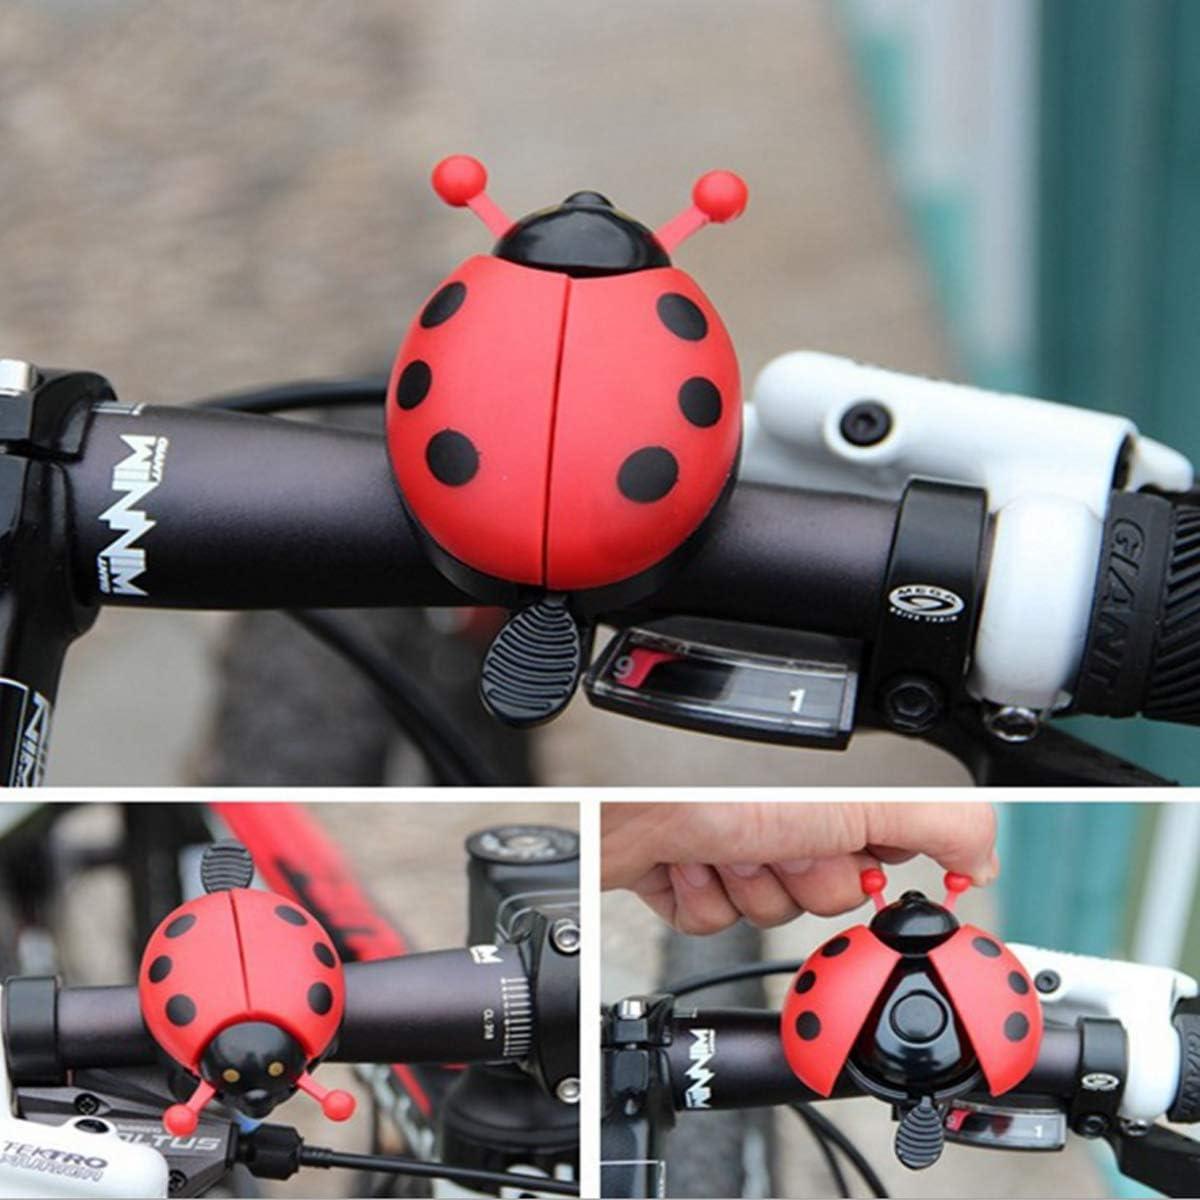 WENTS Fahrradklingel Laut Fahrradklingel Netter Marienk/äfer Fahrradklingel Fahrrad Alarm Bike Meta